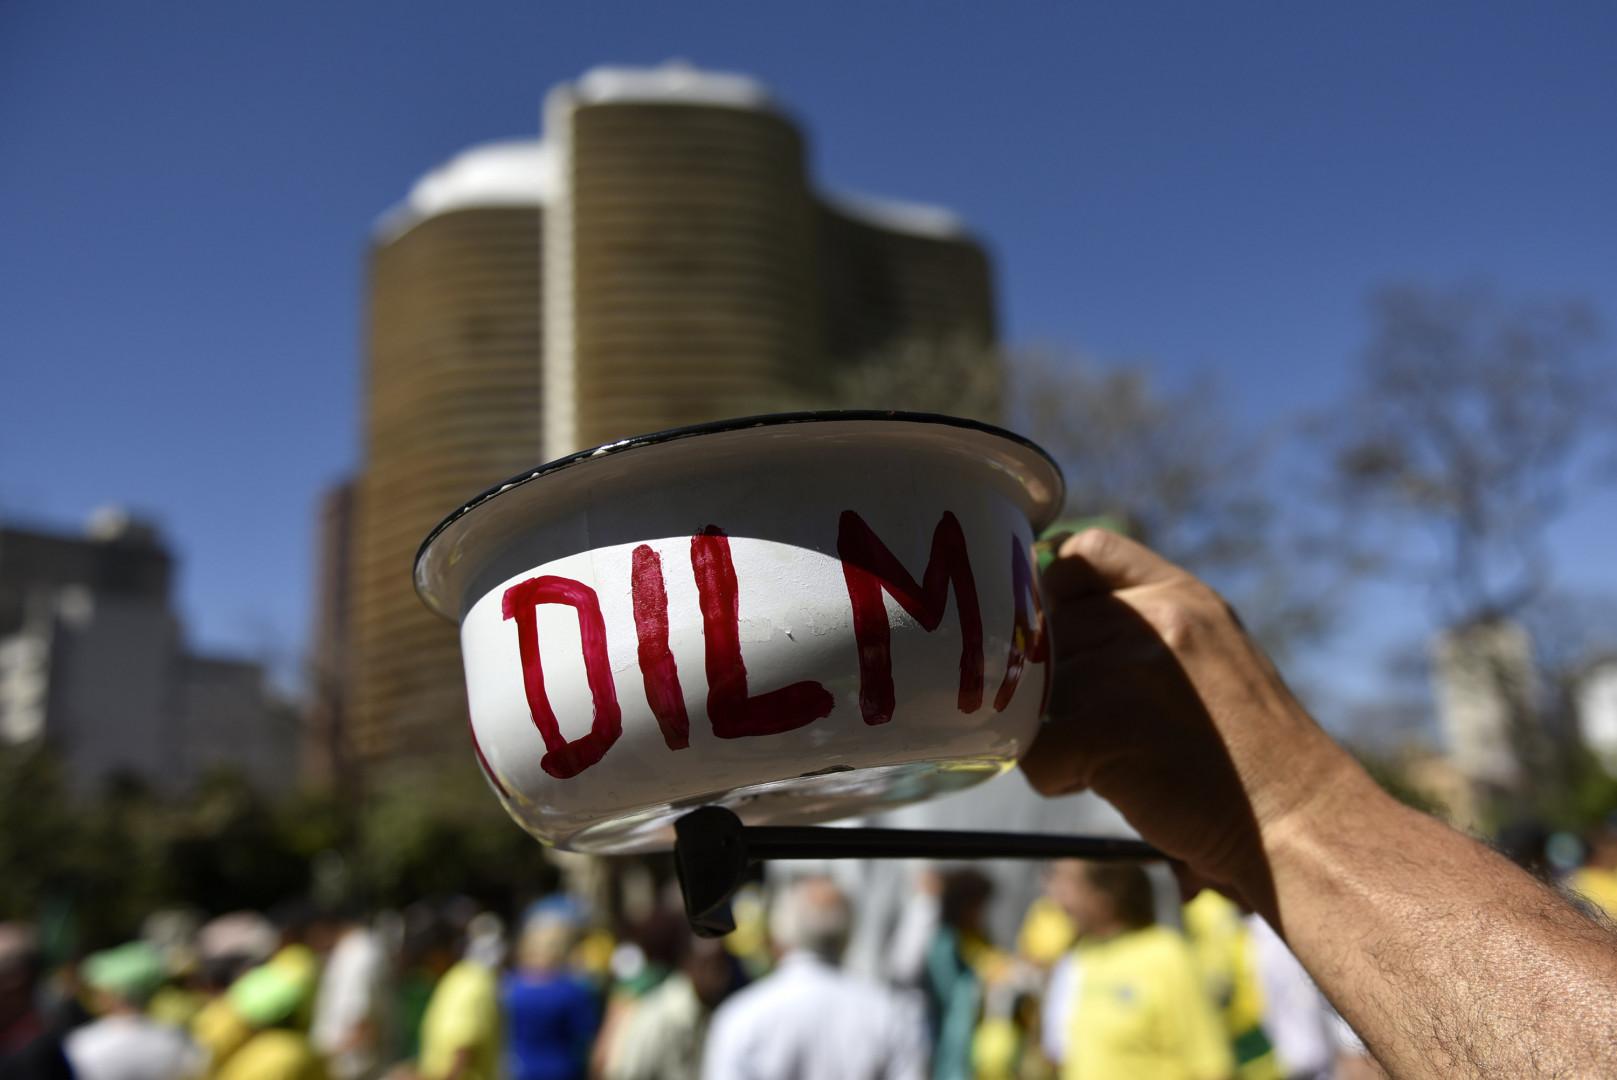 En avril dernier, 600.000 Brésiliens avaient manifesté